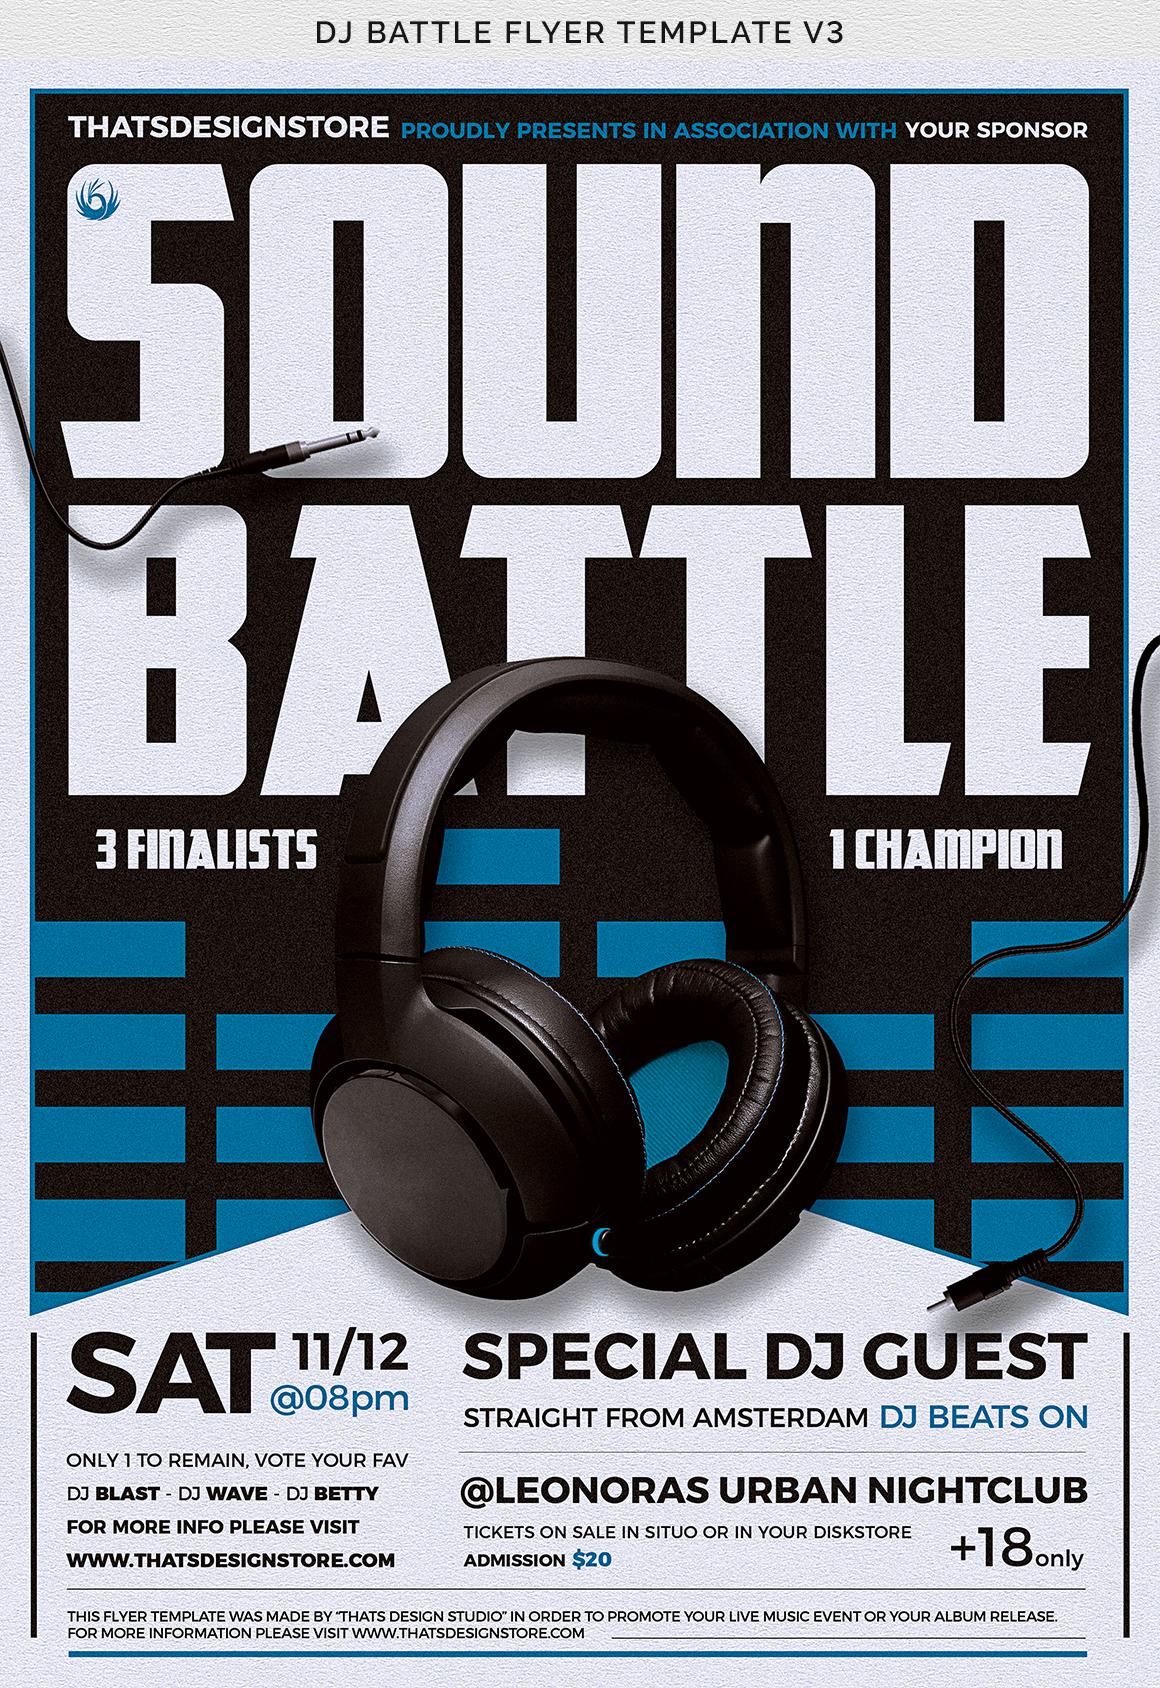 DJ Battle Flyer Template V3 example image 12